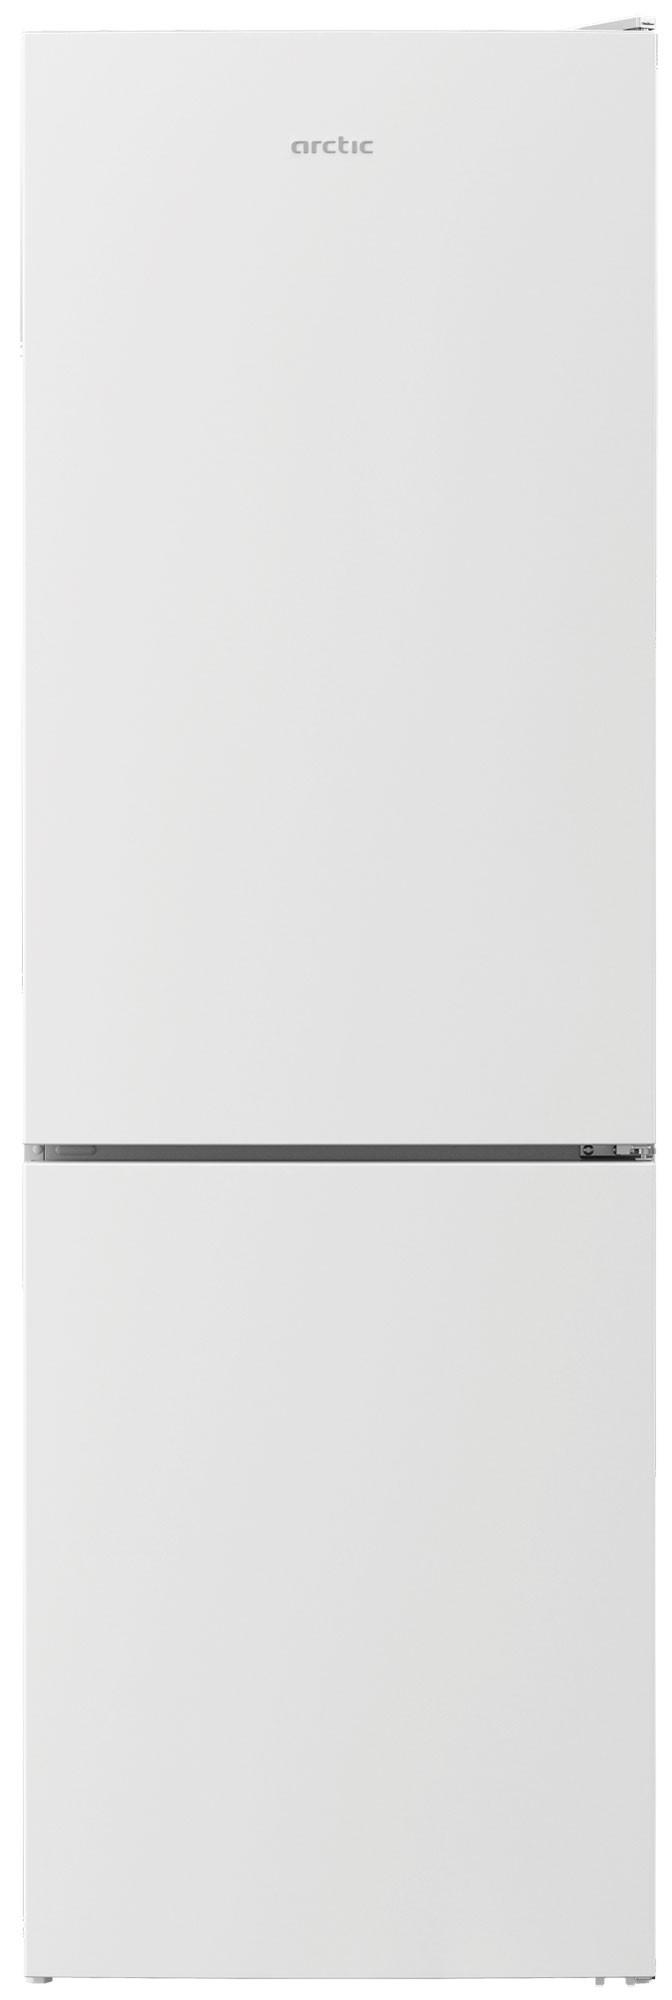 Combina frigorifica Arctic AK60366M40NF, 324 L, Full No Frost, Alb, E